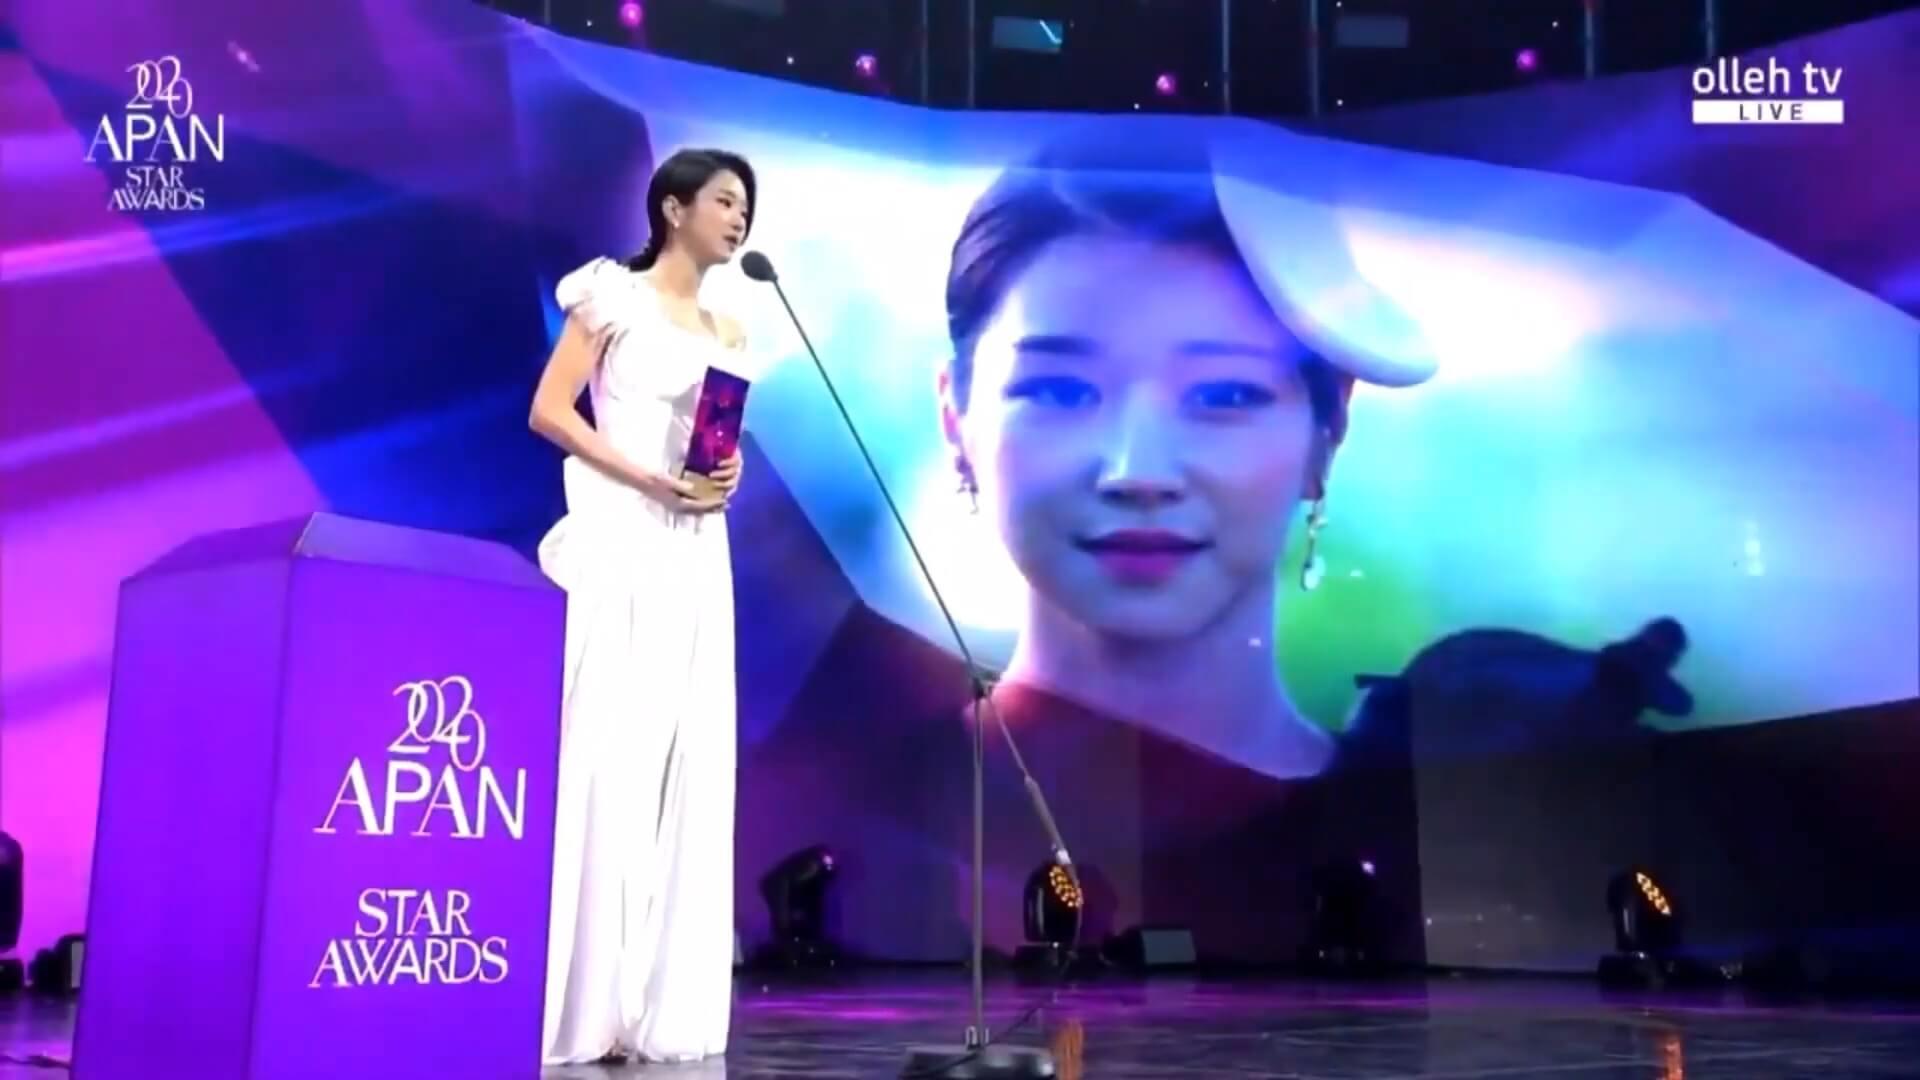 徐睿知奪得「IDOL Champ人氣女演員獎」及「迷你劇女子優秀演技獎」